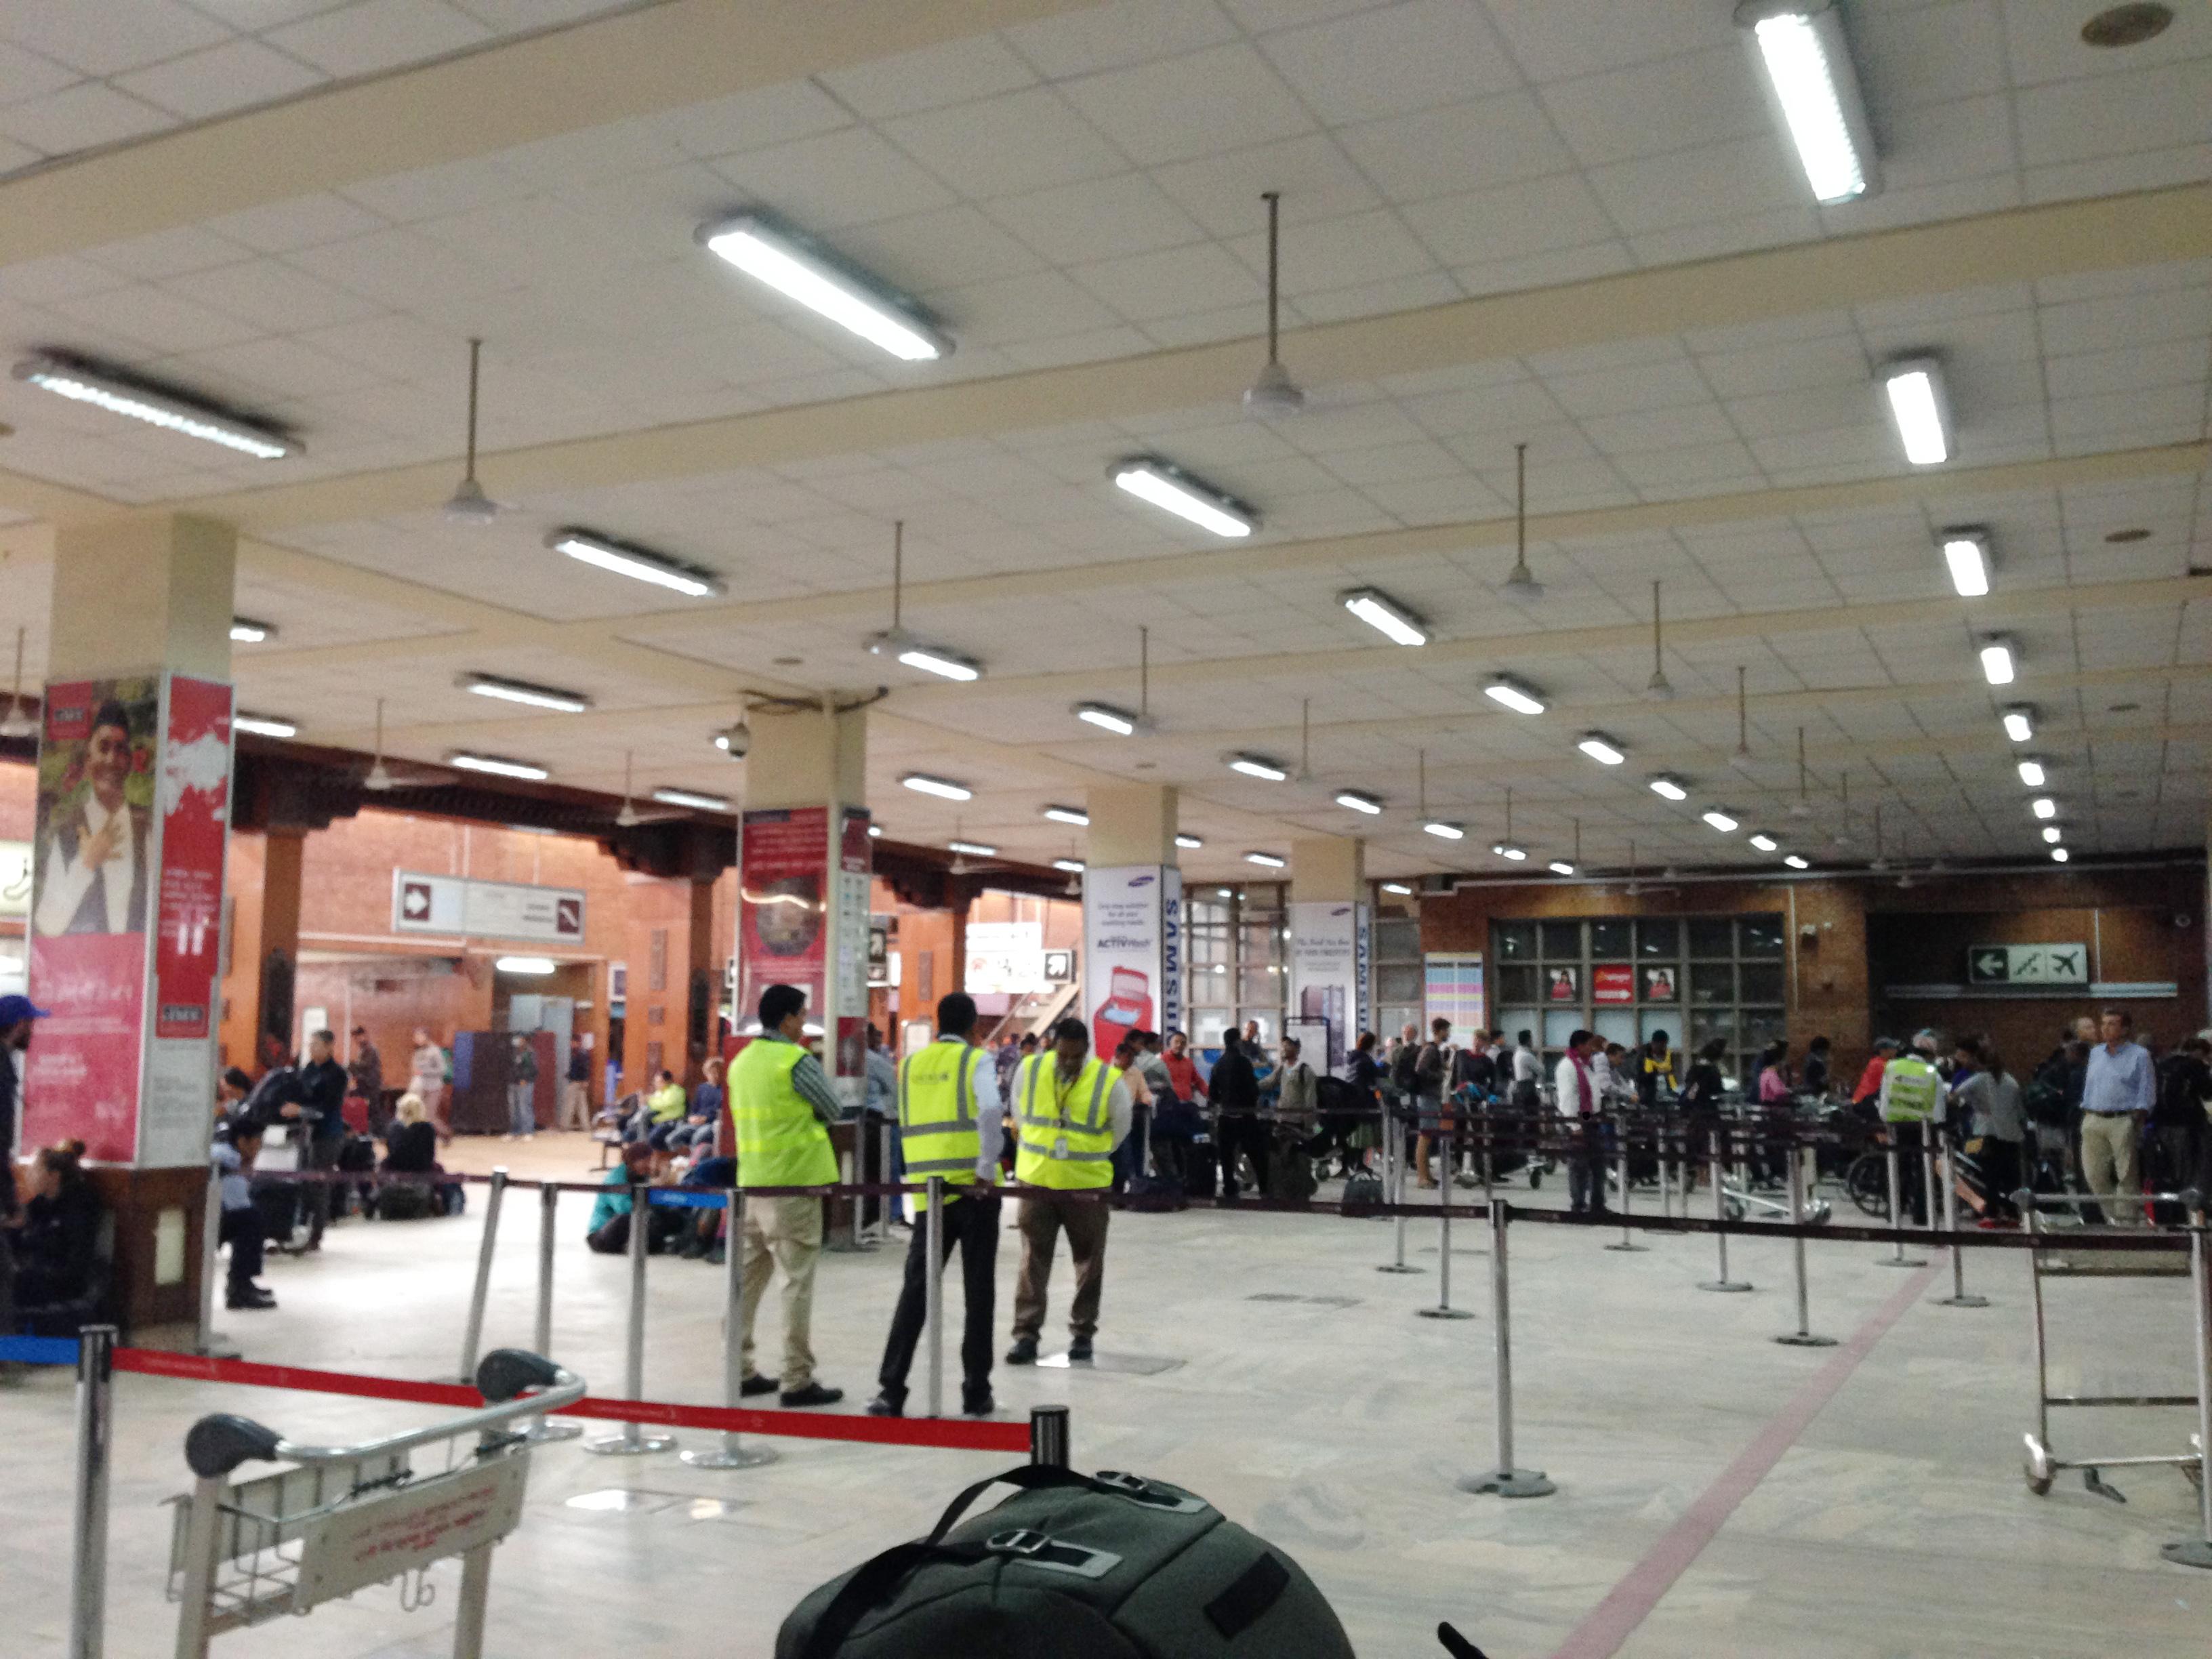 21-mọi người mòn mỏi chờ đợi ở sân bay